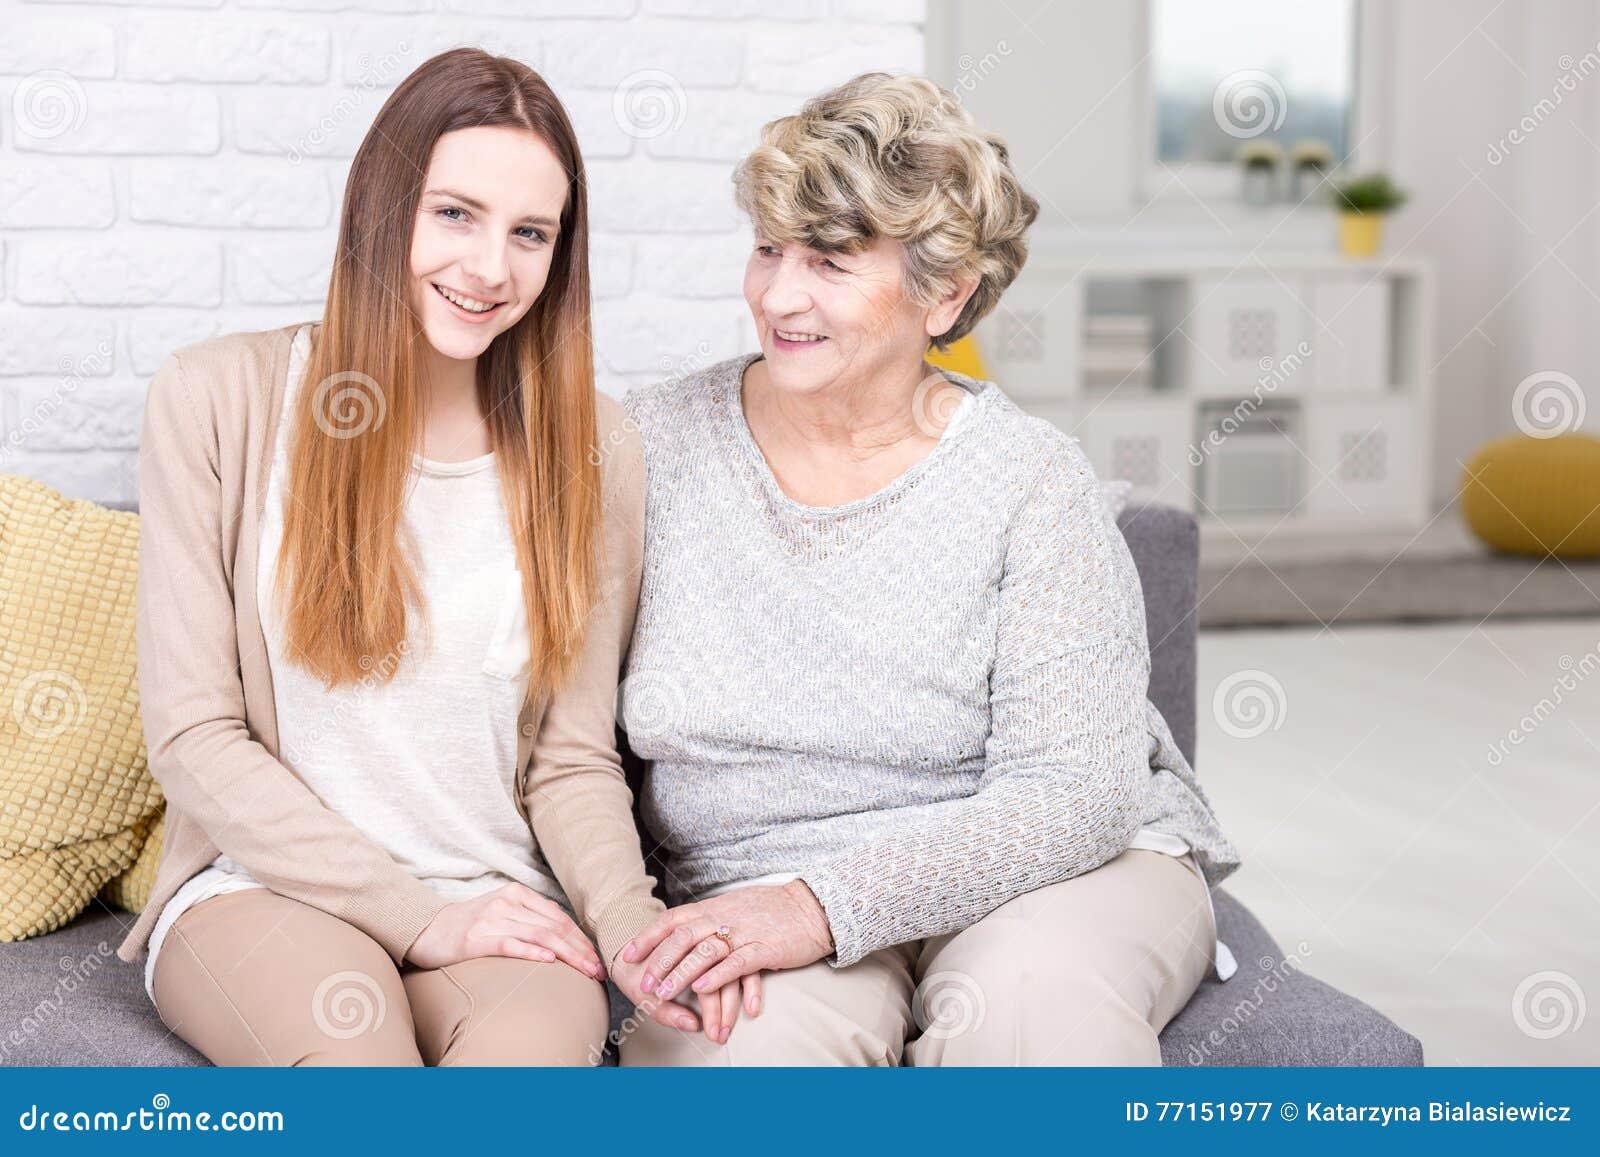 Grand-maman fière avec sa petite-fille aimée